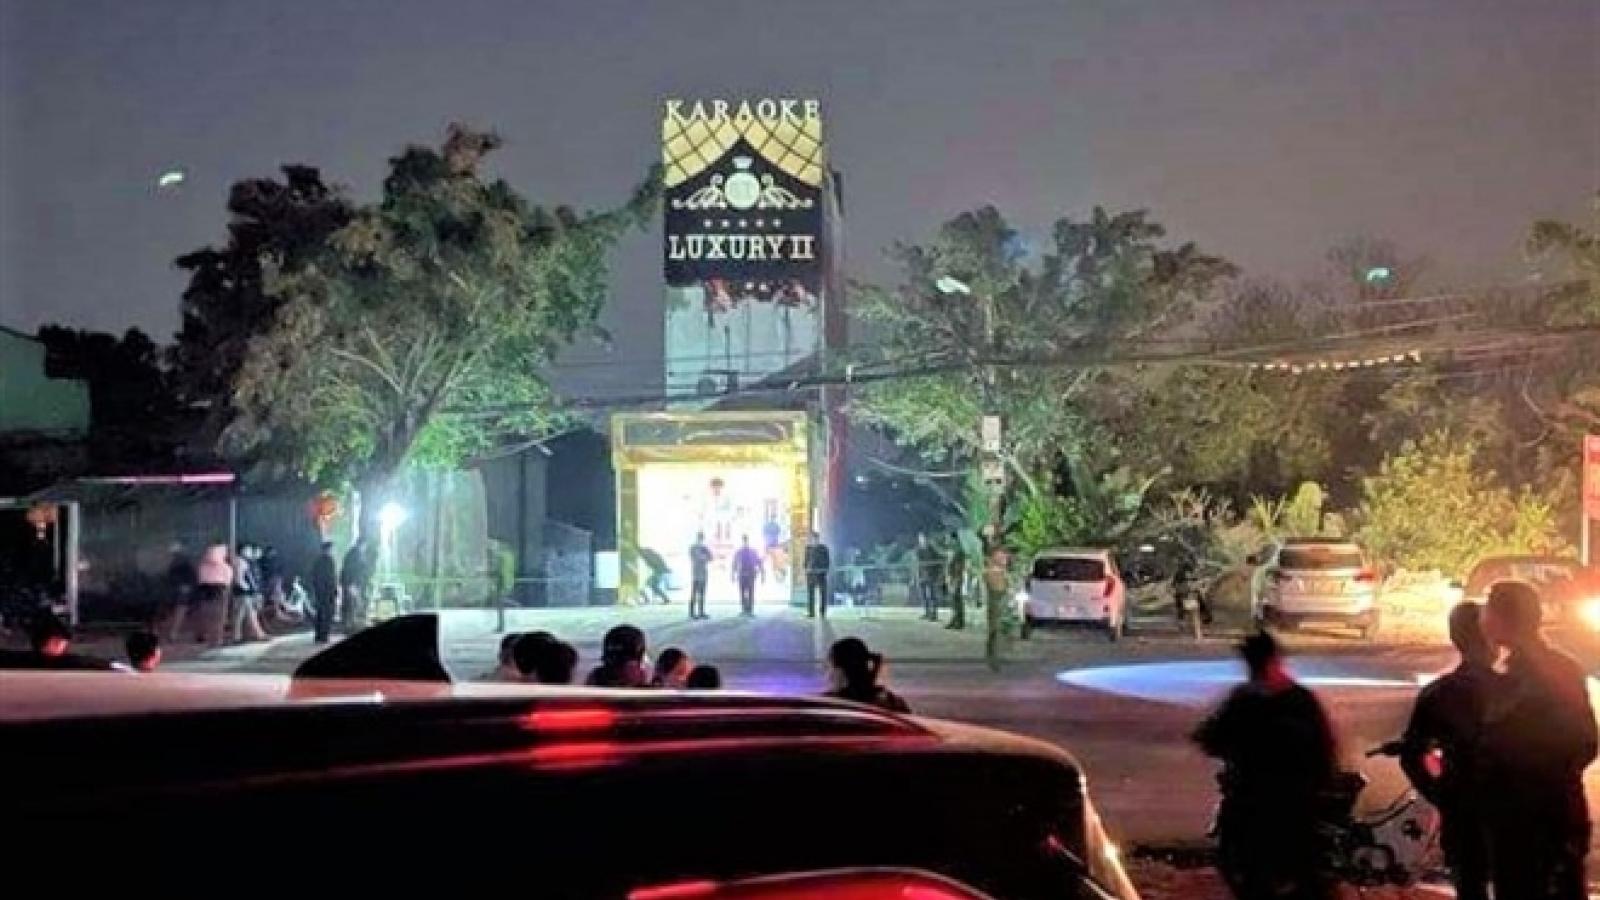 Danh tính kẻ đâm 3 người tử vong trong quán karaoke ở Hòa Bình